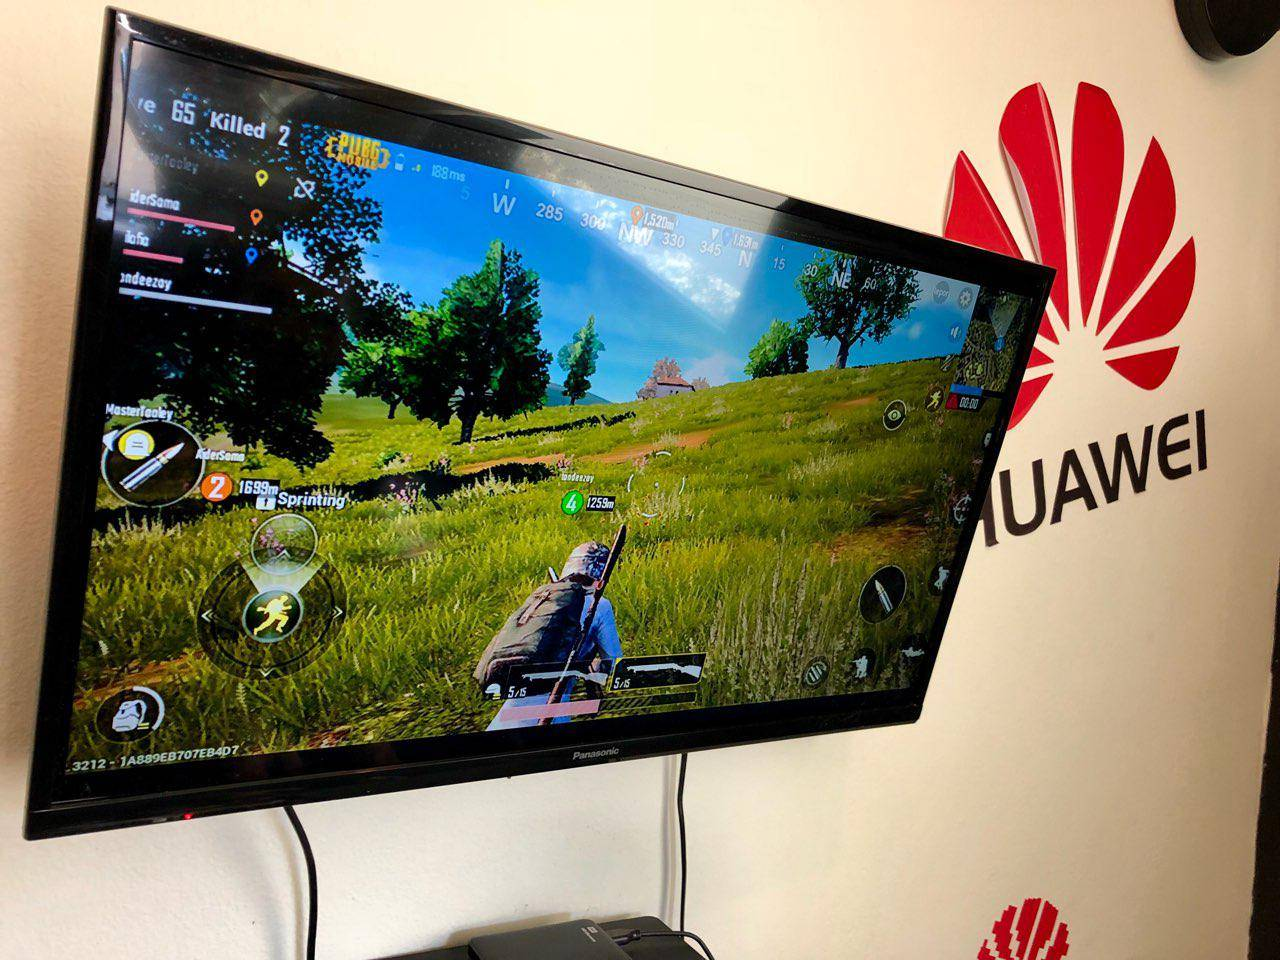 ¿El Mate 10 Pro de Huawei tiene potencial como consola de videojuegos?